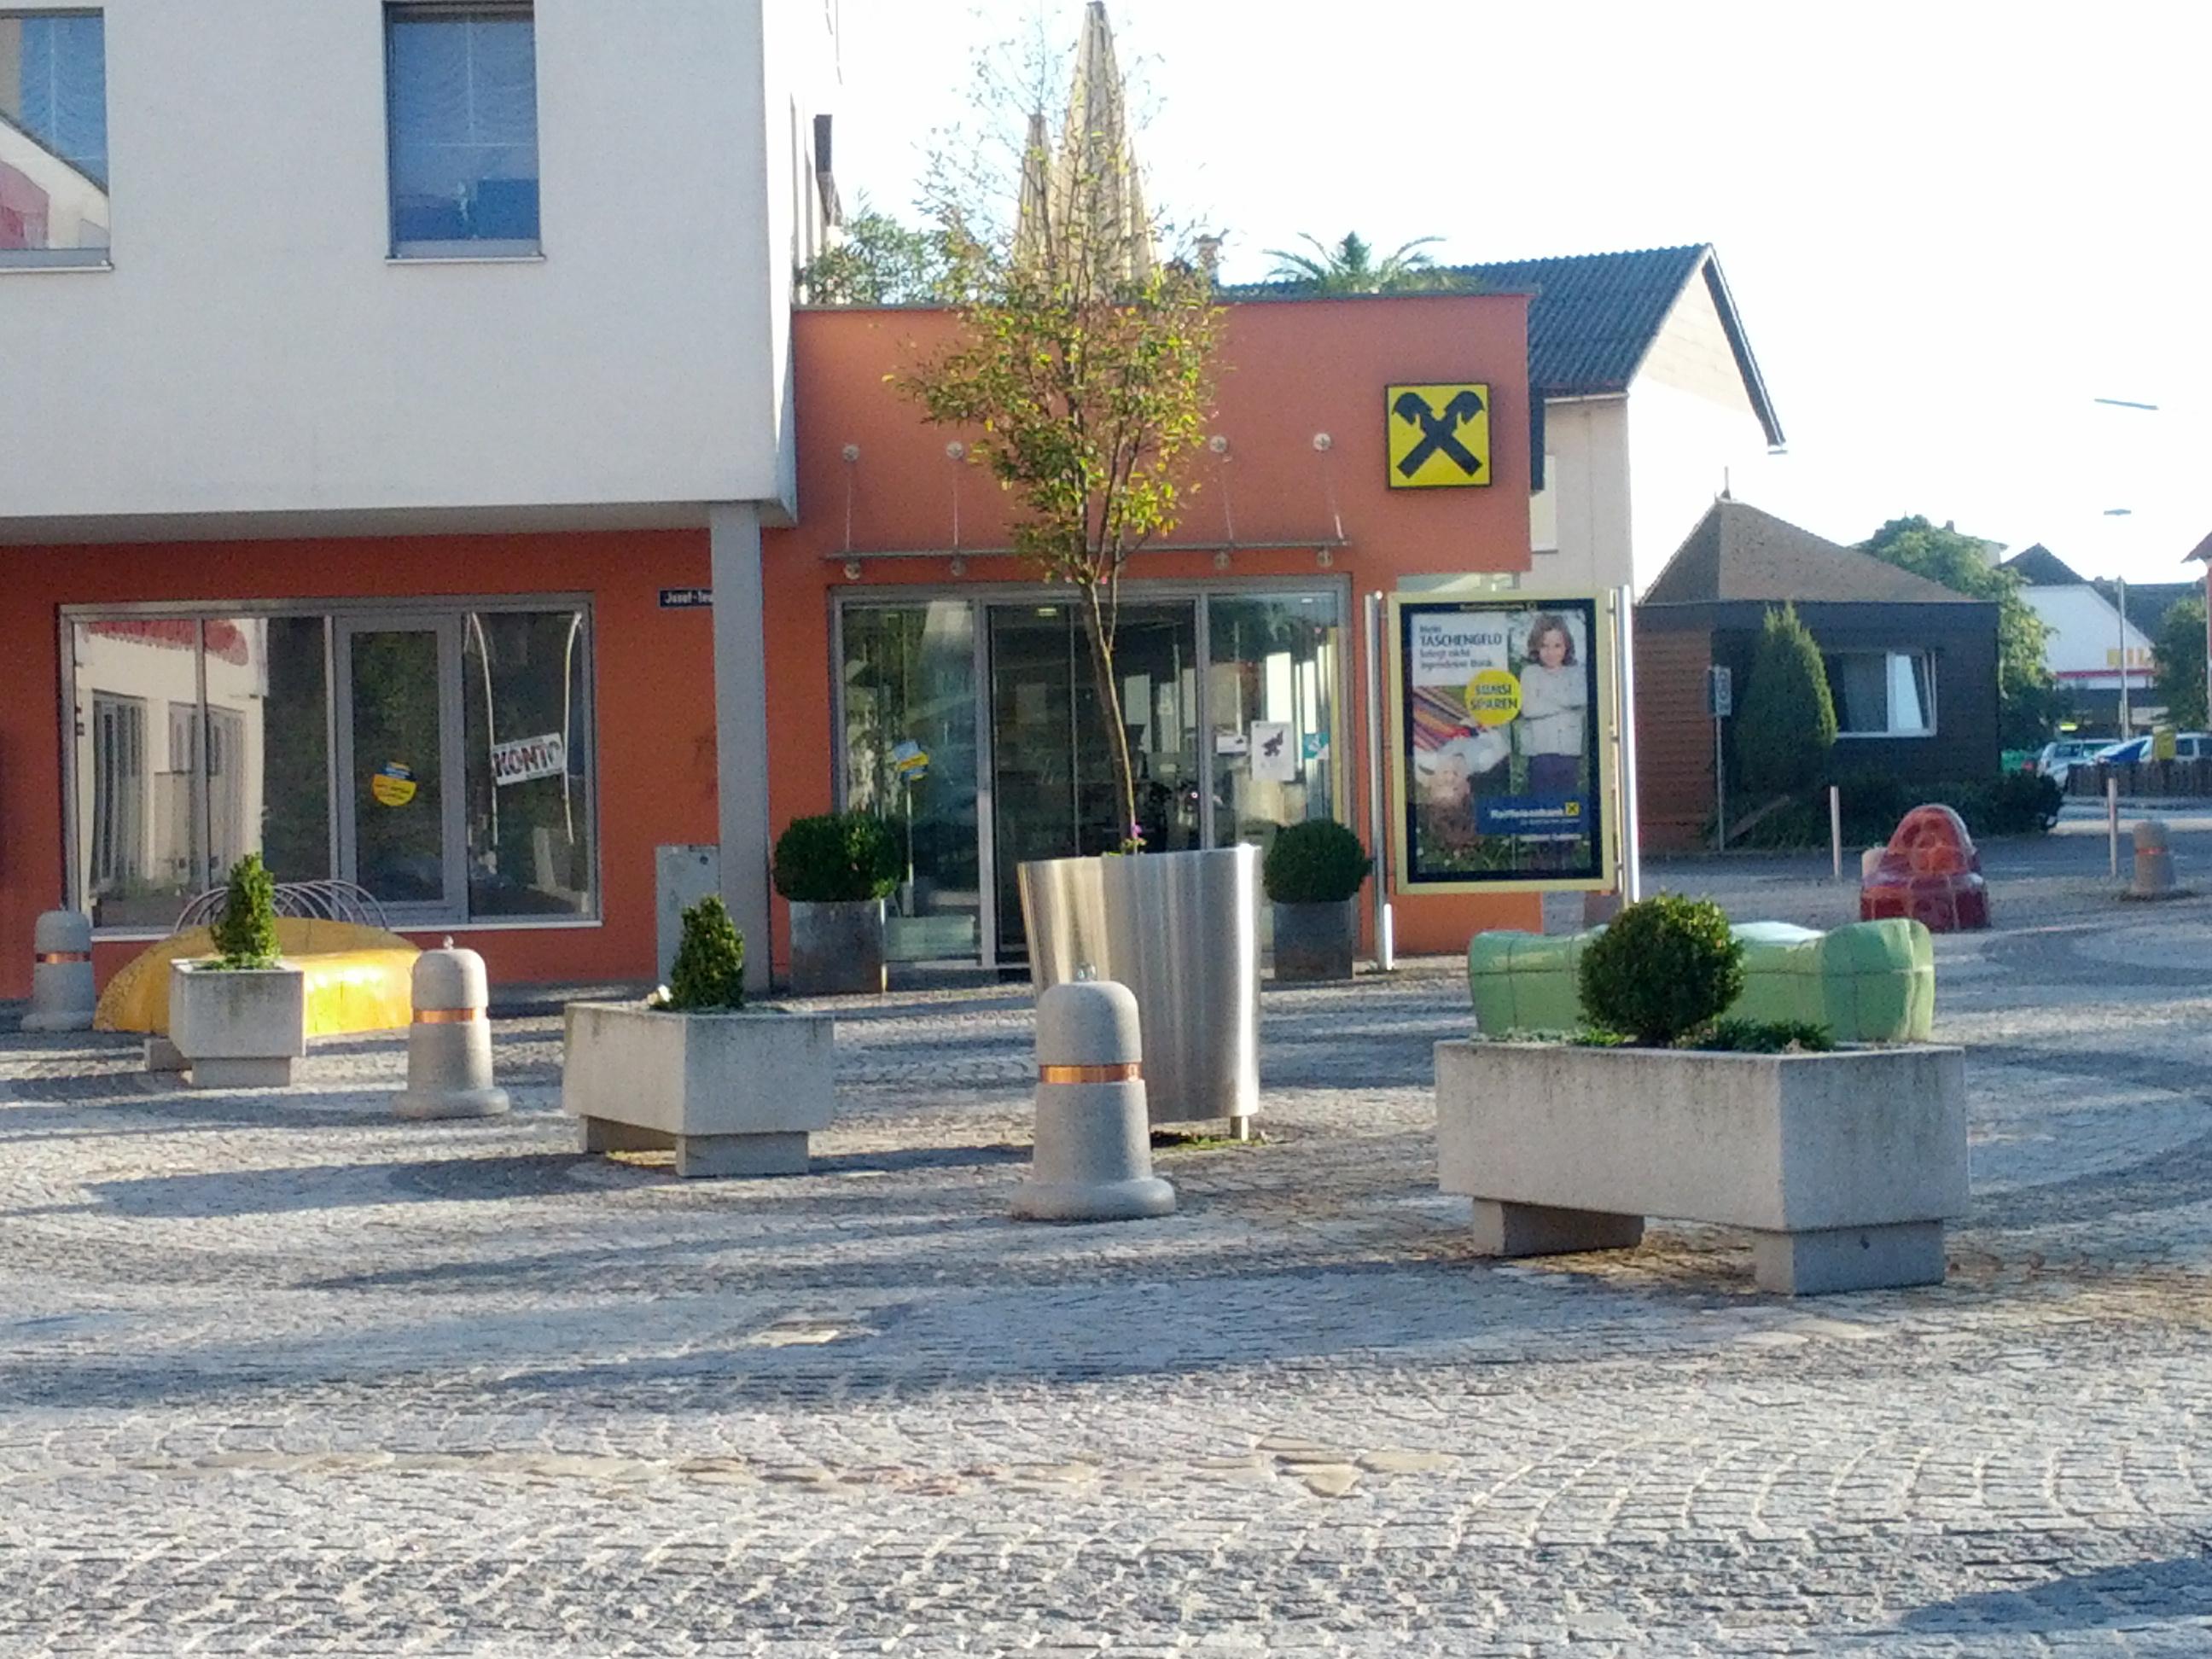 Raiffeisenbank Region Sierning reg. Gen. m. b. H. Bst. Sierning-Neuzeug